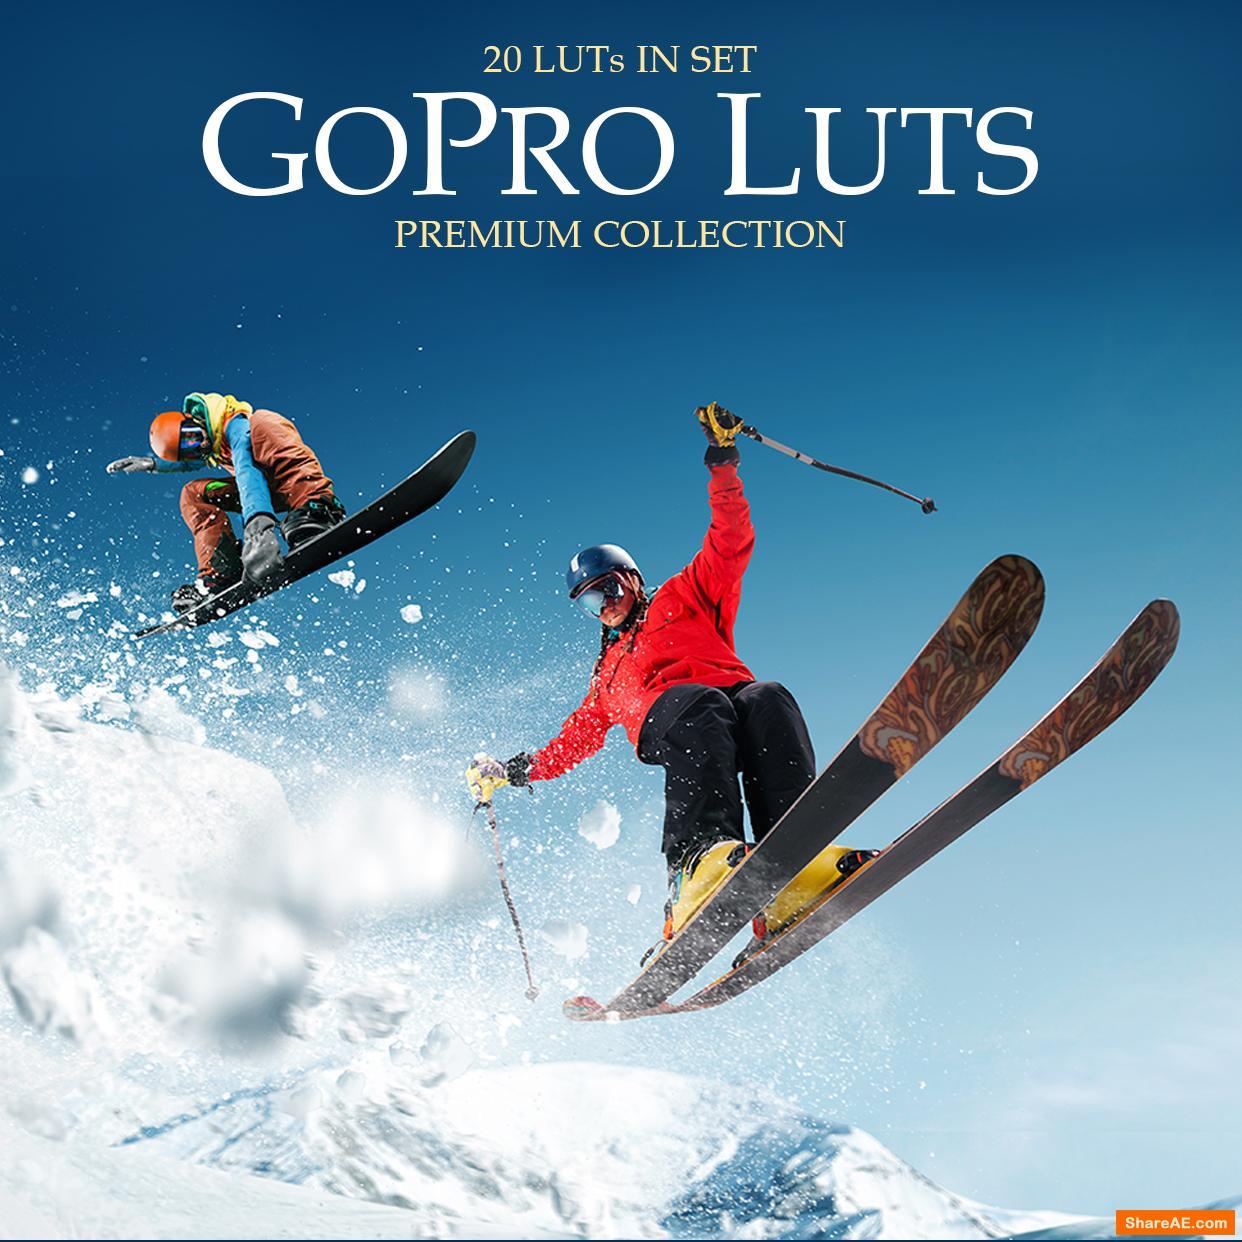 GoPro Luts - Fixthephoto